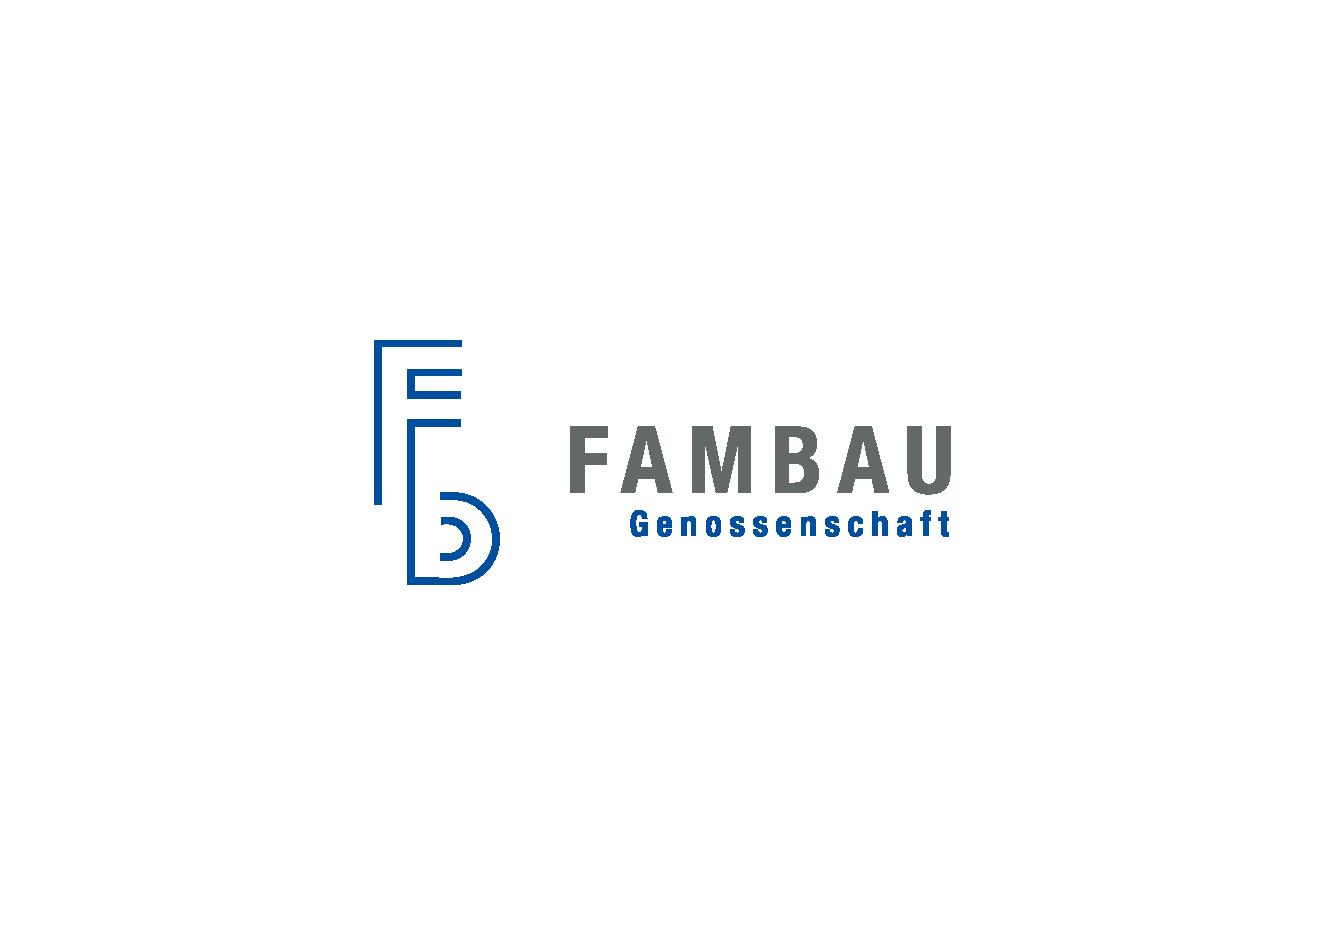 fambau